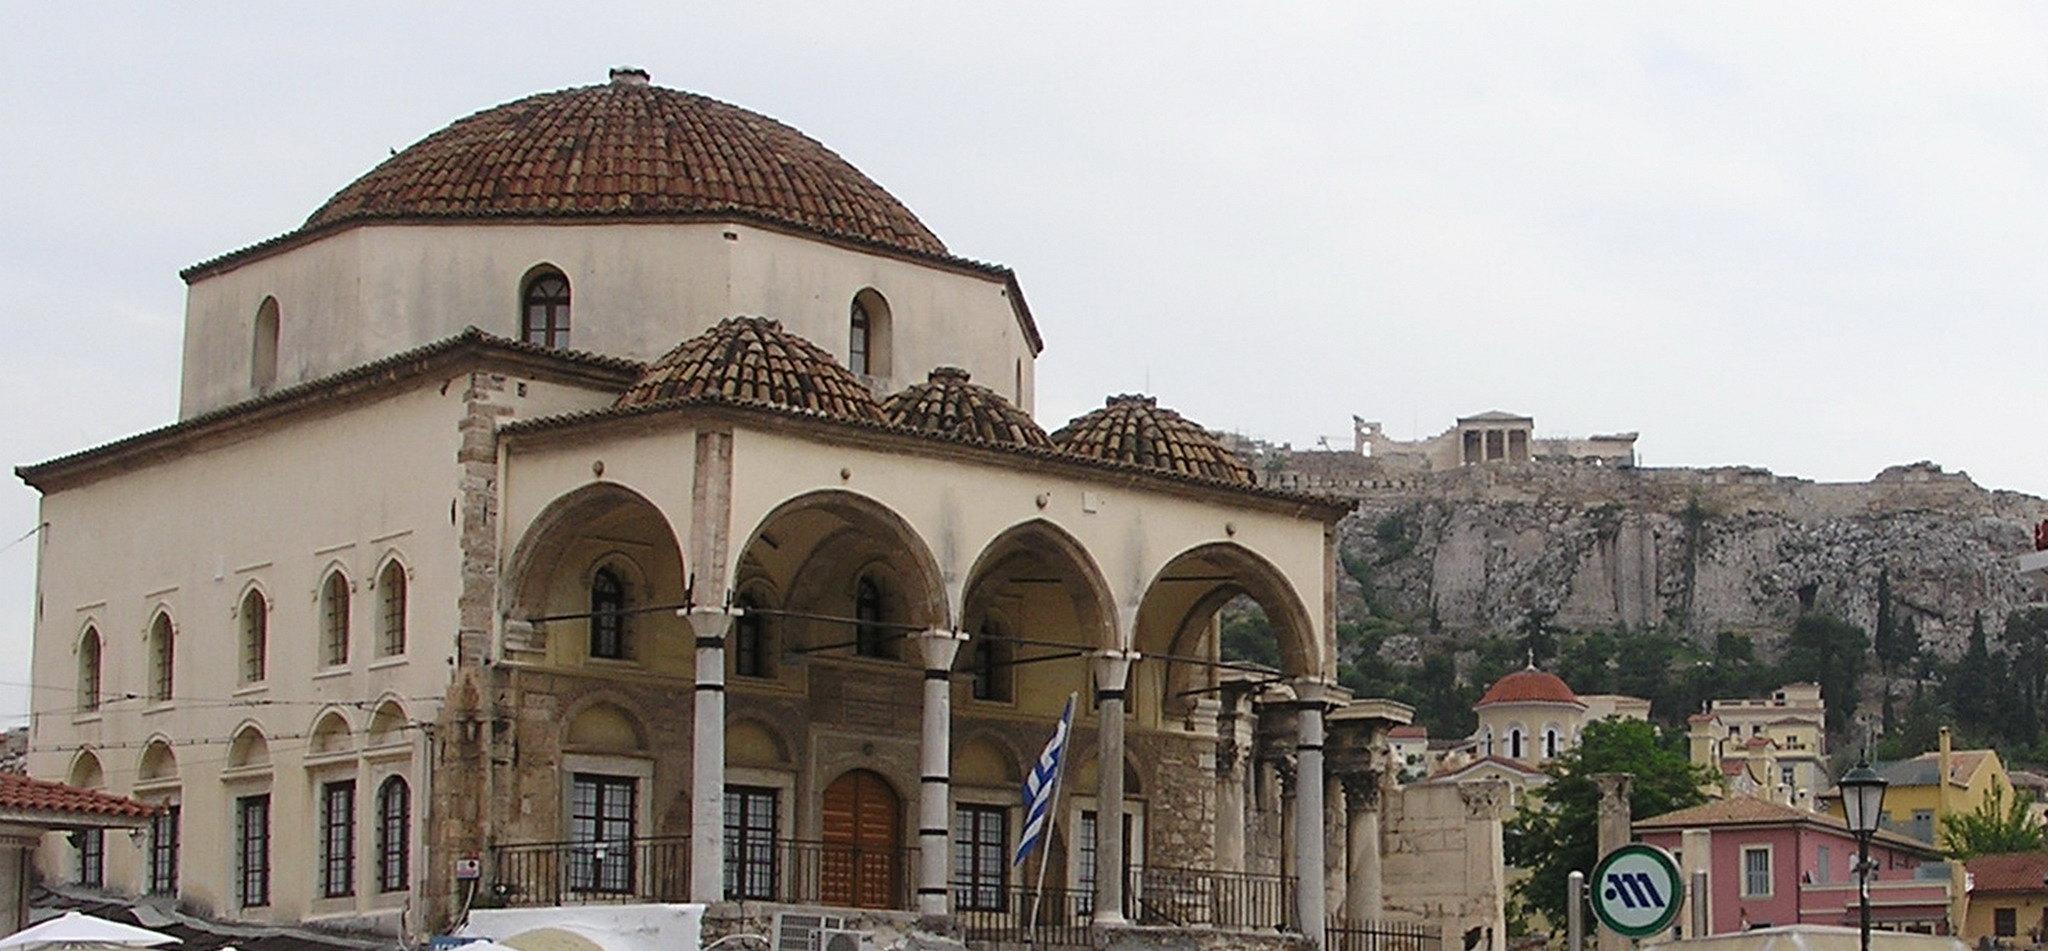 Grecia Mezquita Tzistarakis Plaza Monastiraki Atenas